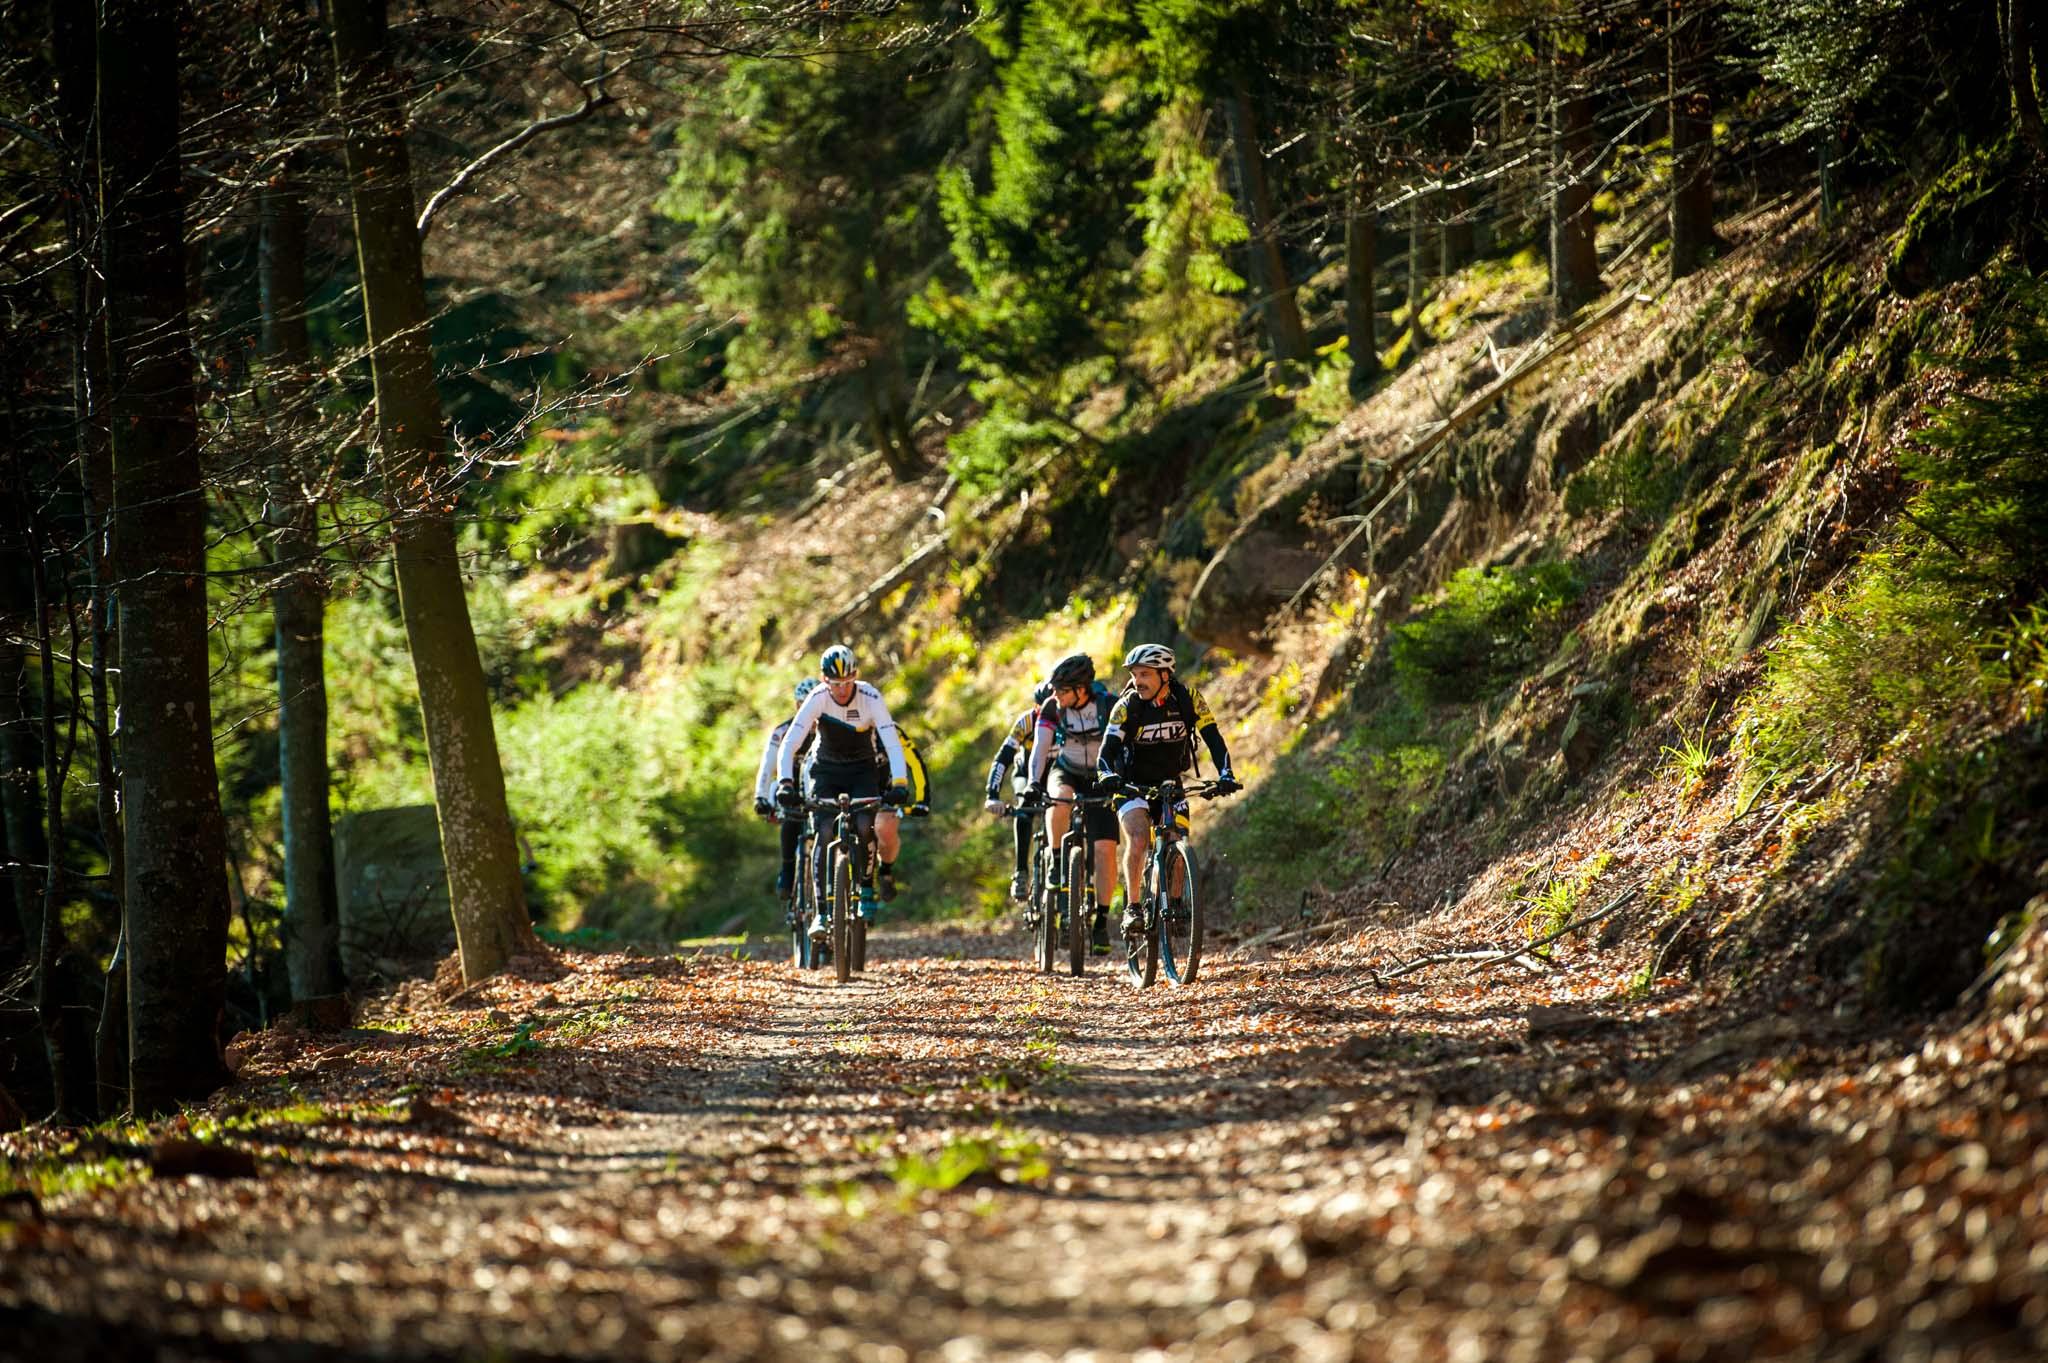 Sortie Cyclo Club de Wasselonne- Vélo de Route - Cols Vosgiens